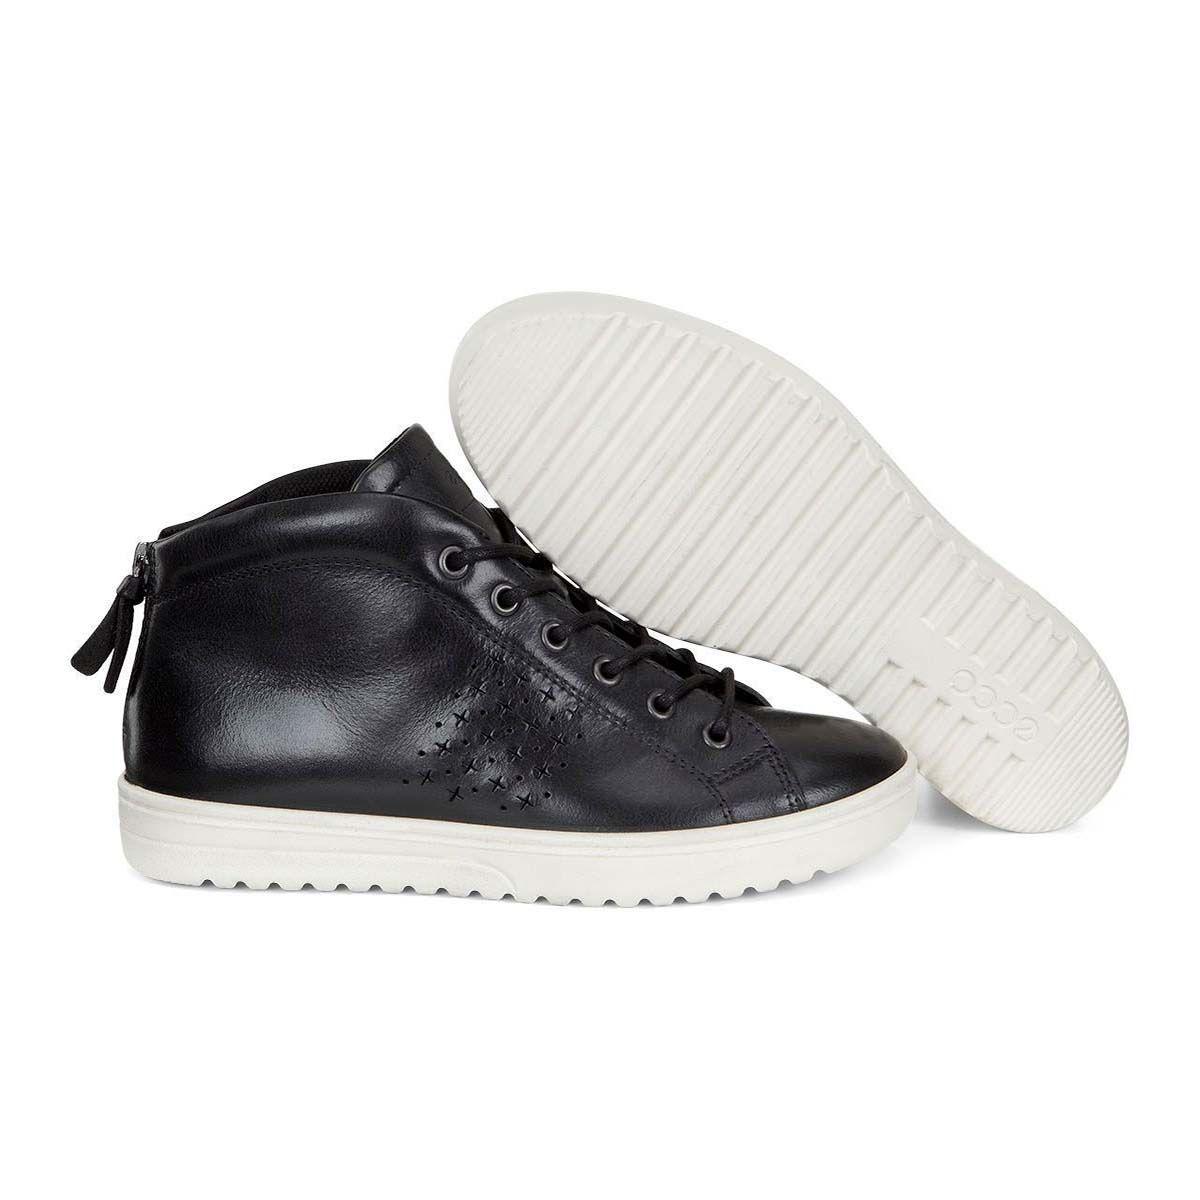 Ботинки ECCO FARA 235243/02001 | Цена 7890 руб.| Купить в интернет-магазине ecco-shoes.ru